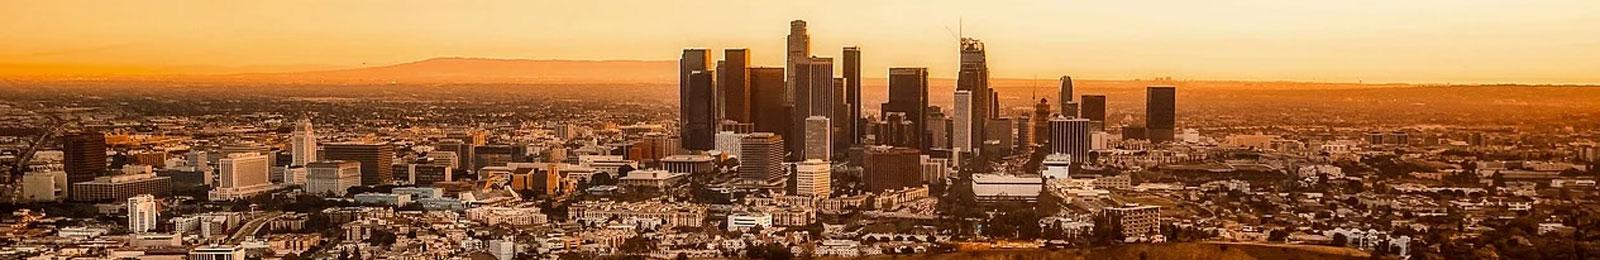 Wiadomości Los Angeles